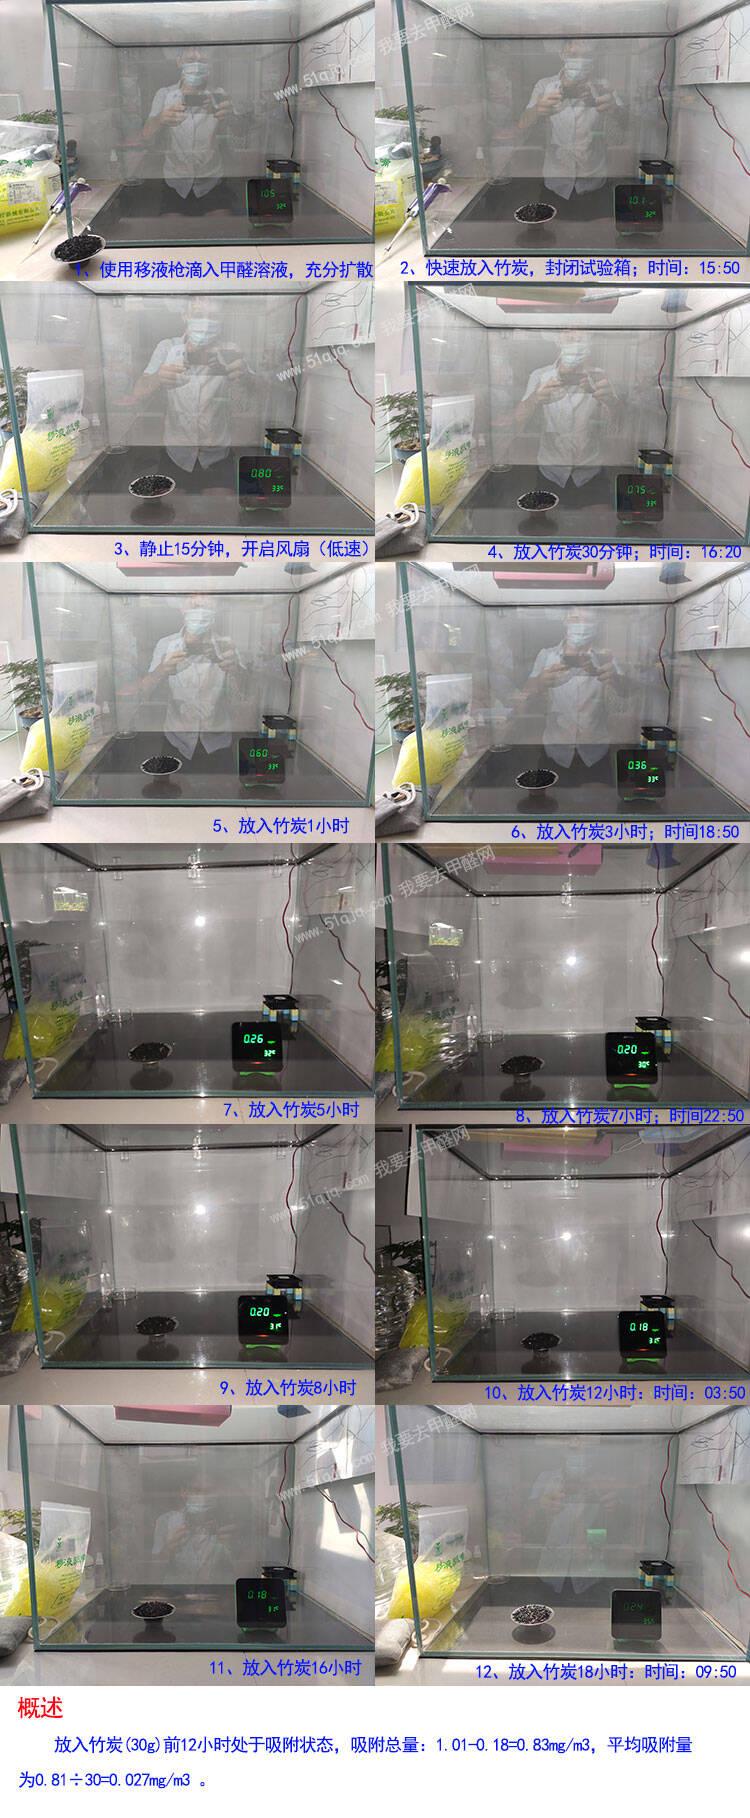 竹炭包吸甲醛试验展示组图